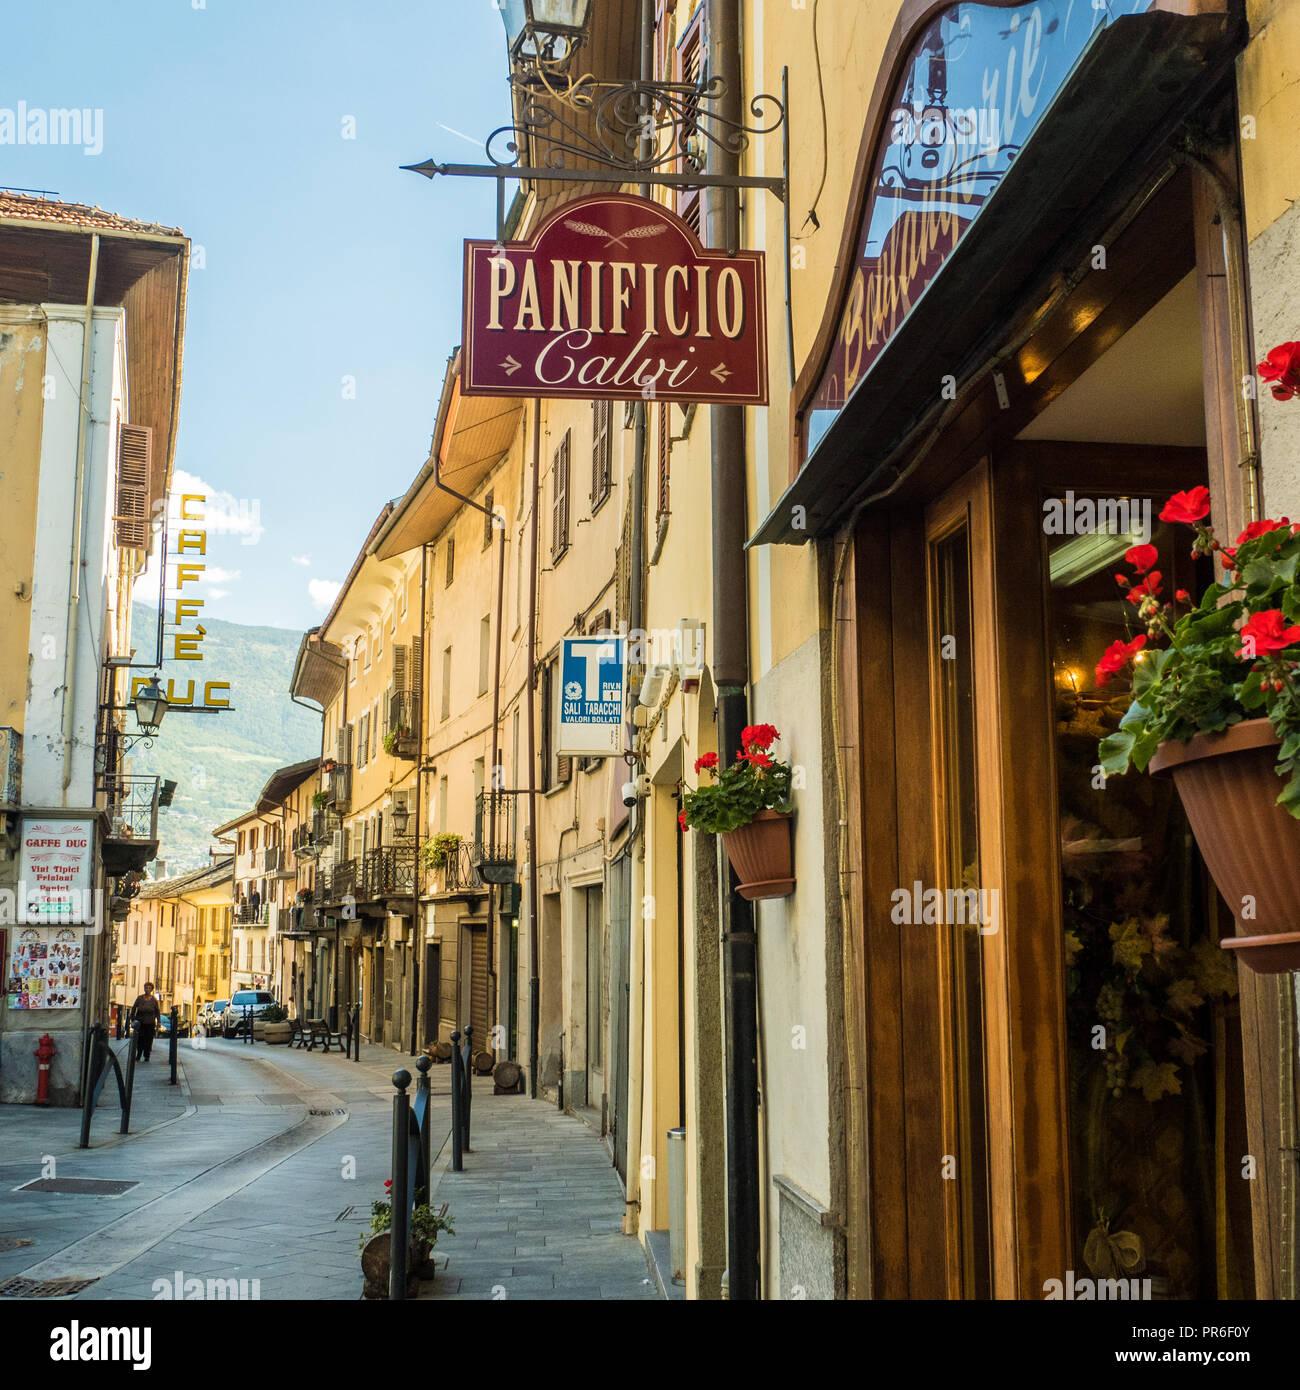 Arte Del Rustico Aosta panificio italy stock photos & panificio italy stock images